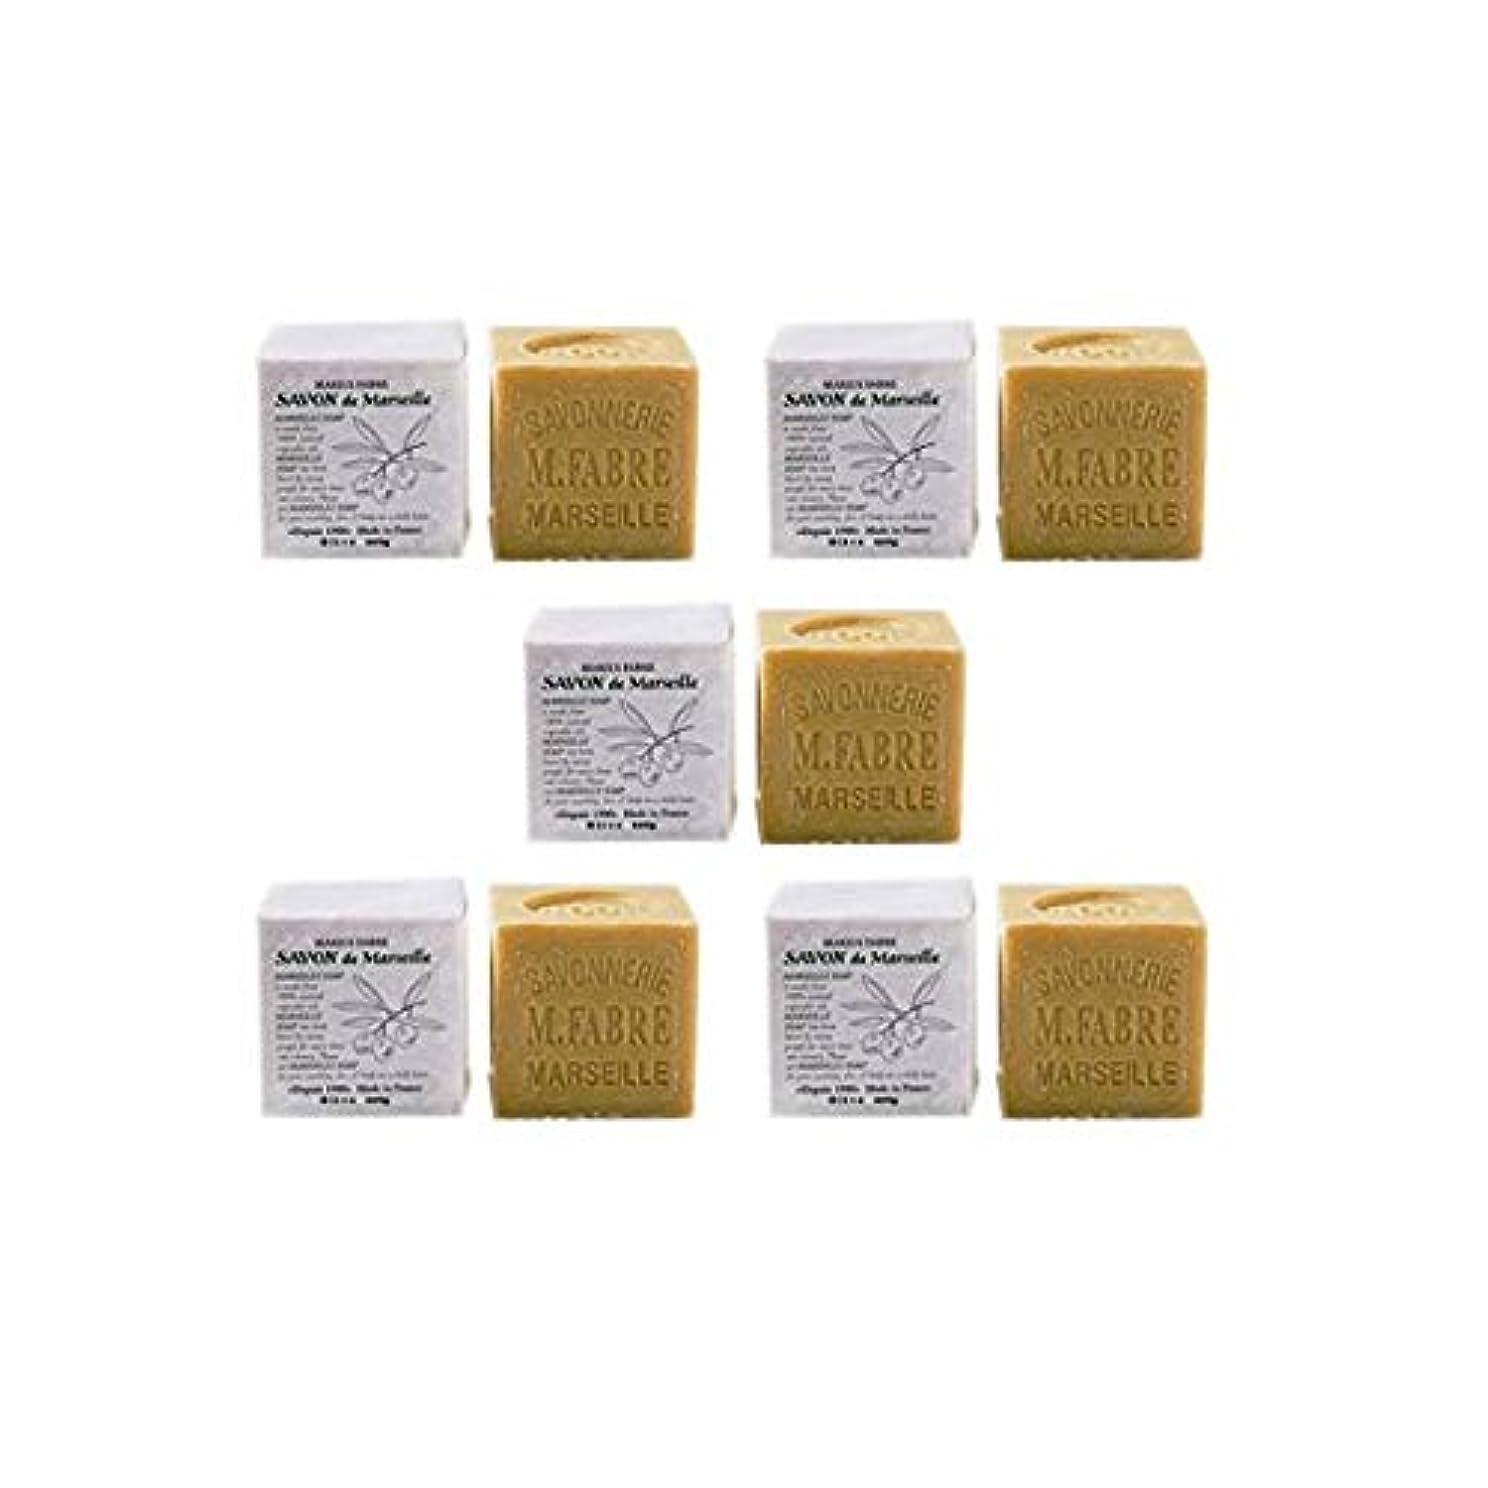 においヘリコプターデジタルマリウスファーブルジューン サボンドマルセイユ無香料200gオリーブN 5個セット(200g×5個)無添加オリーブ石鹸